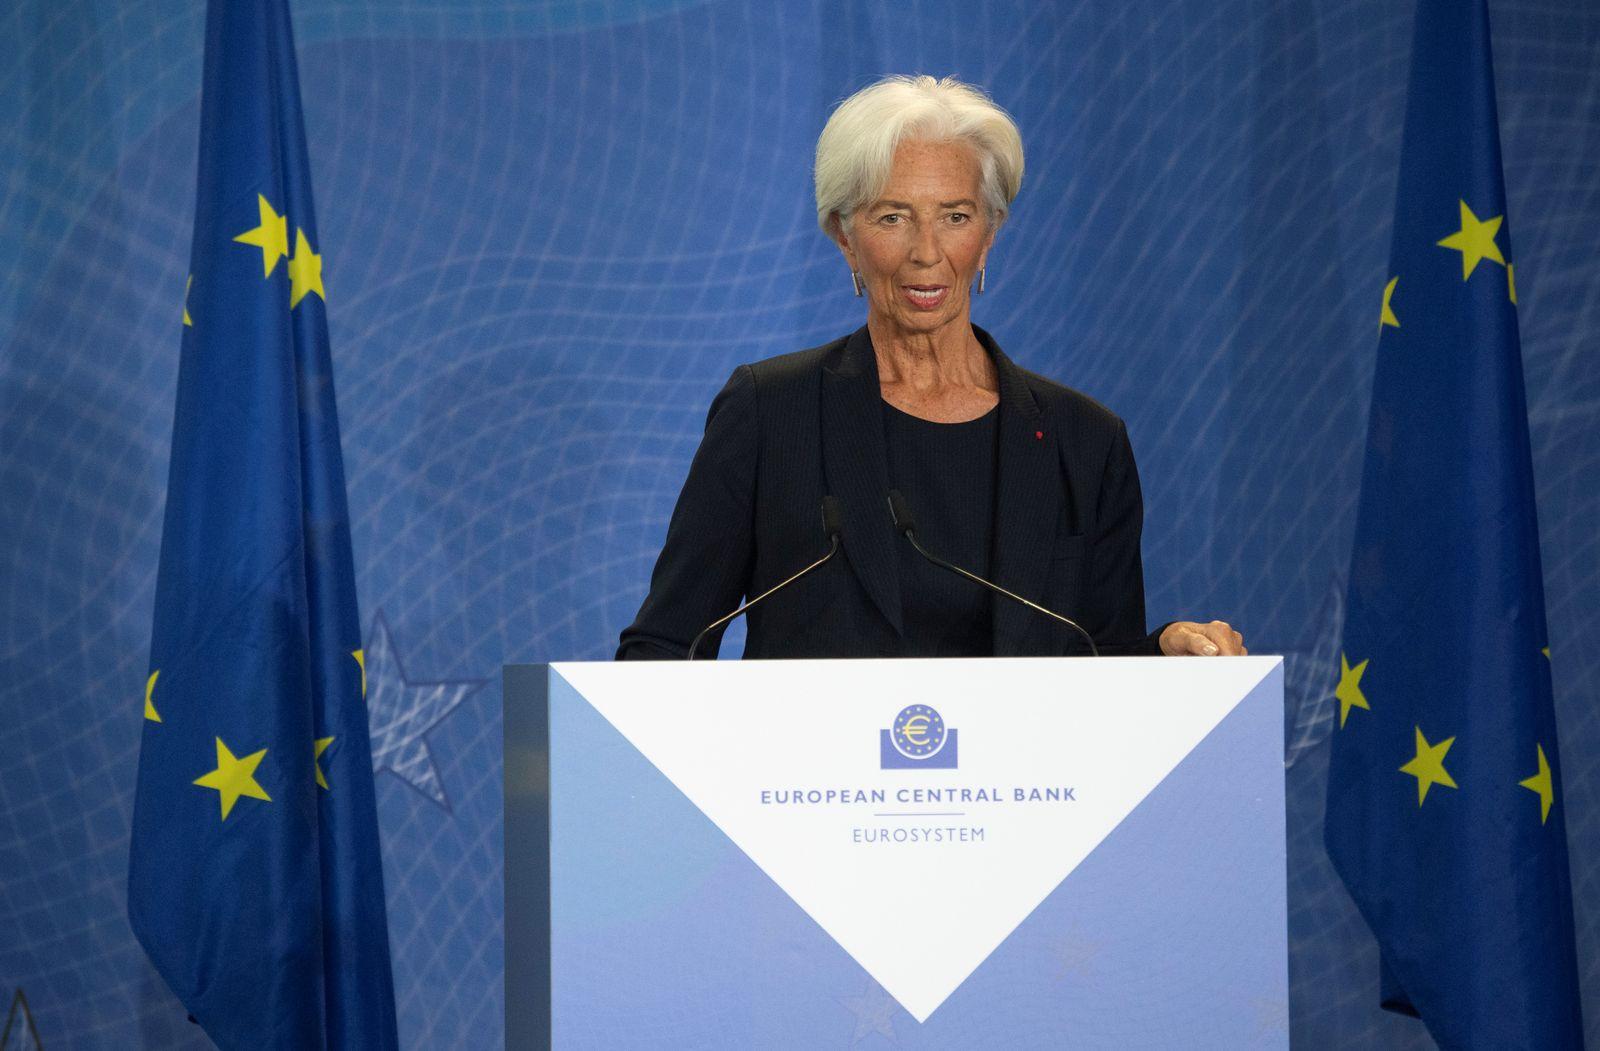 Wirtschaft/ Christine Lagarde